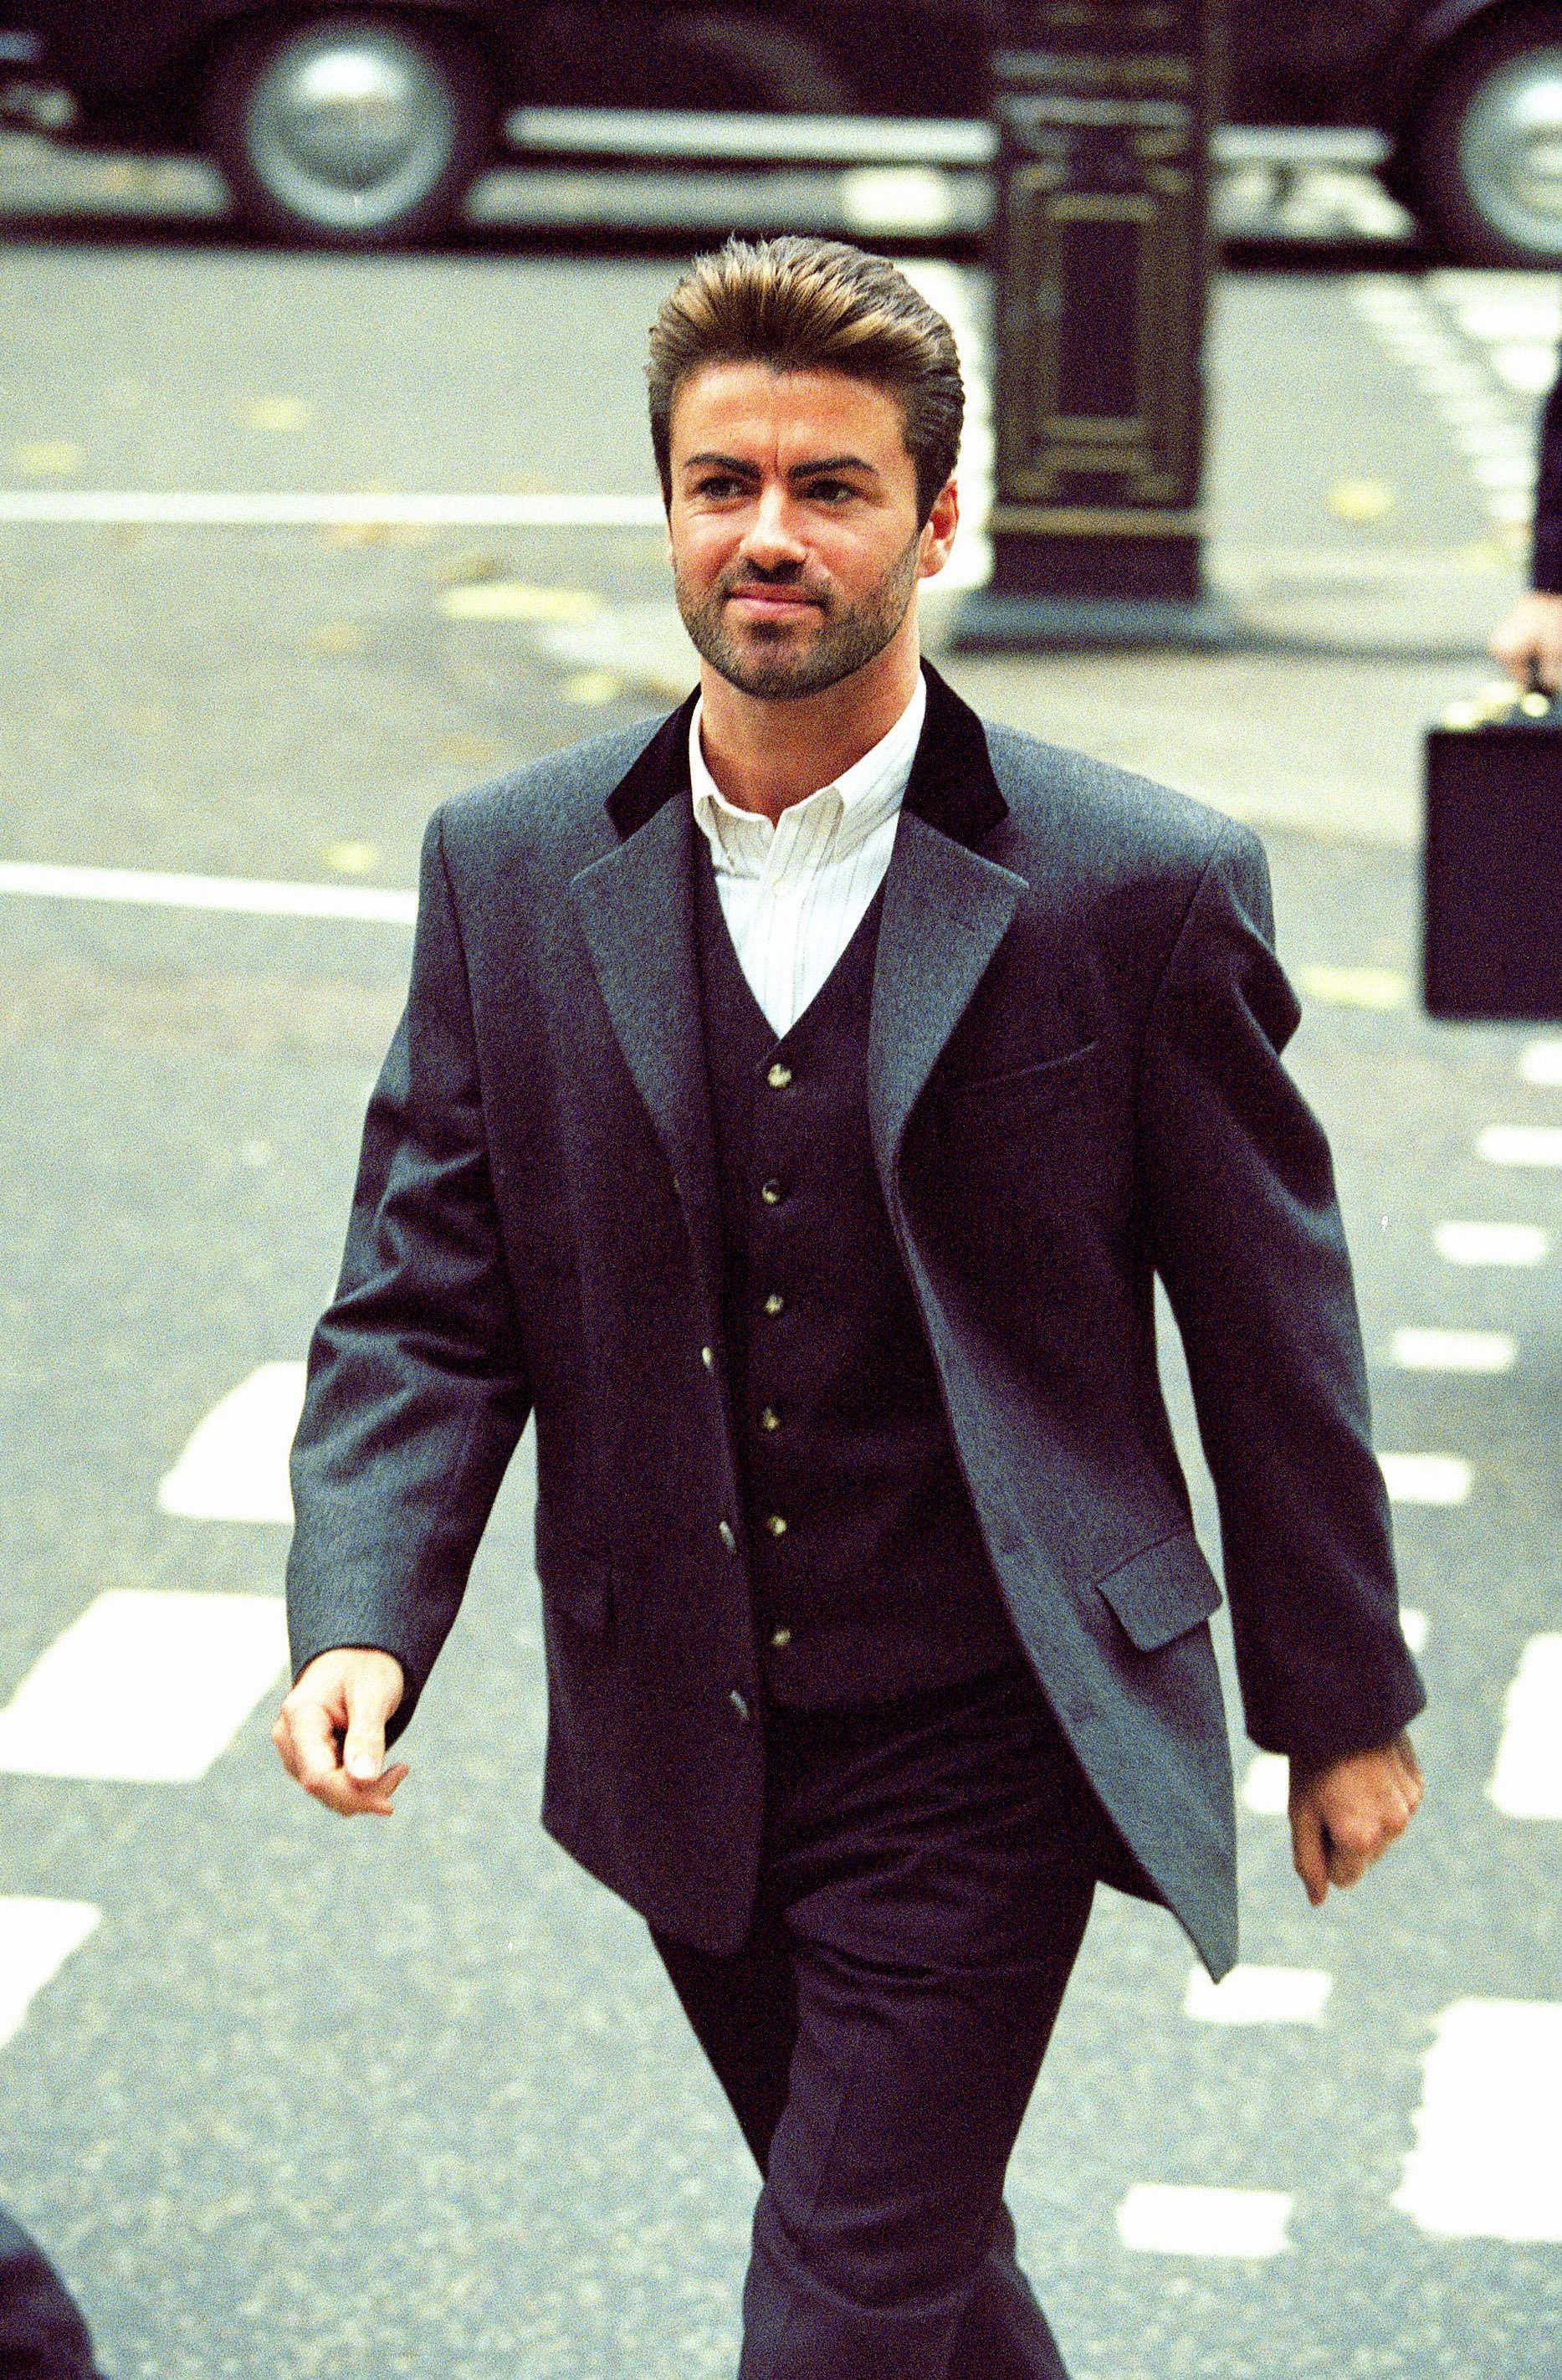 Après un fulgurant succès avec le groupe Wham! dans les années 1980, le chanteur se rend au tribunal de Londres en 1993 pour tenter de rompre le contrat qui le lie à Sony Music, afin de poursuivre sa carrière en solo.